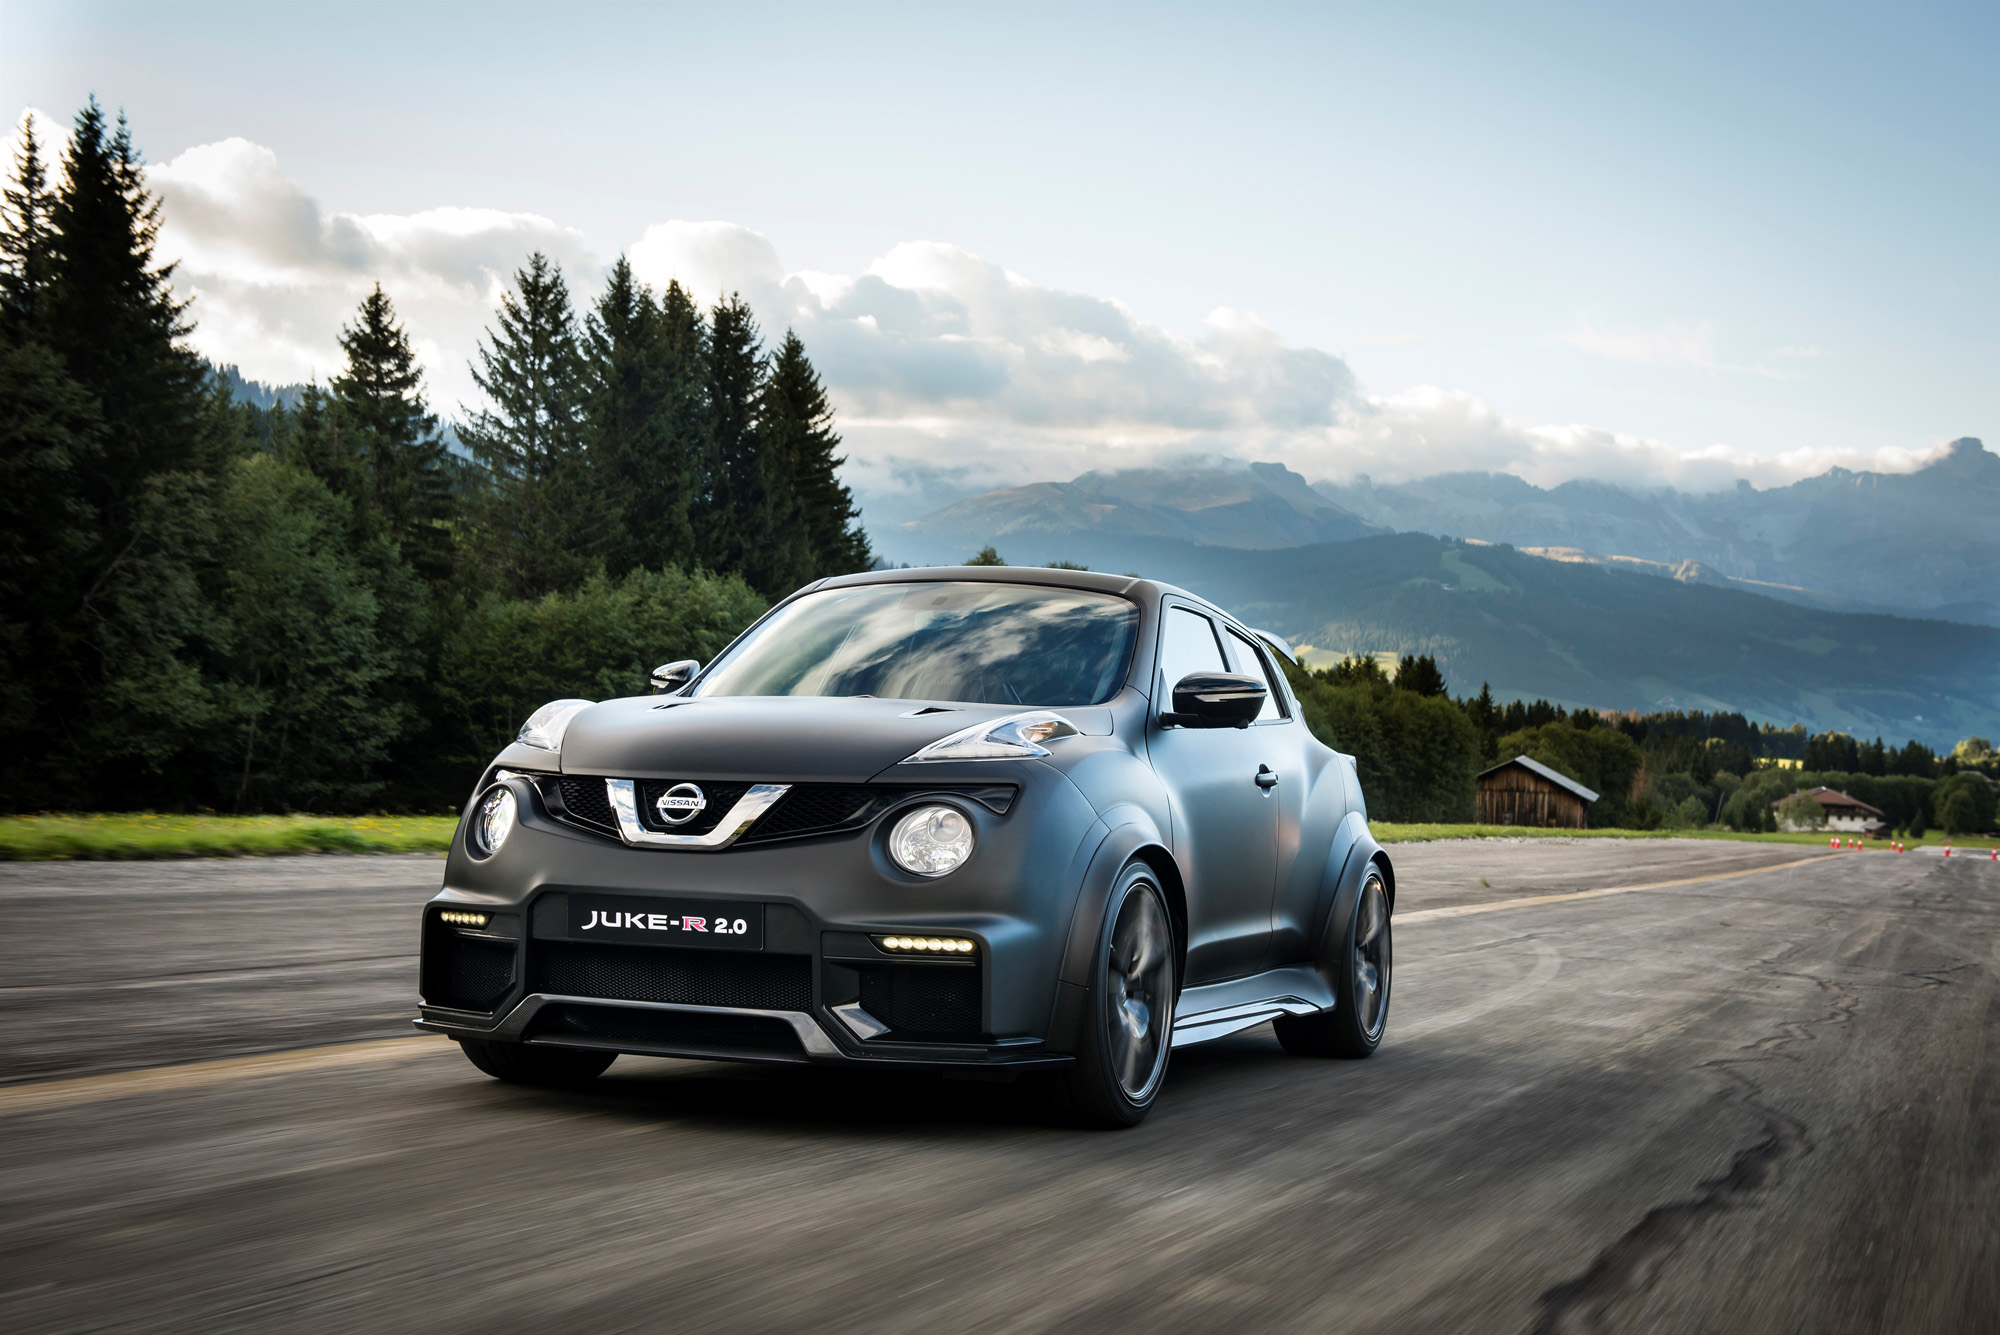 Ein wundervoll bulliger Anblick: Der Nissan Juke-R 2.0 gehört ganz klar ins Trackday-Geschehen.